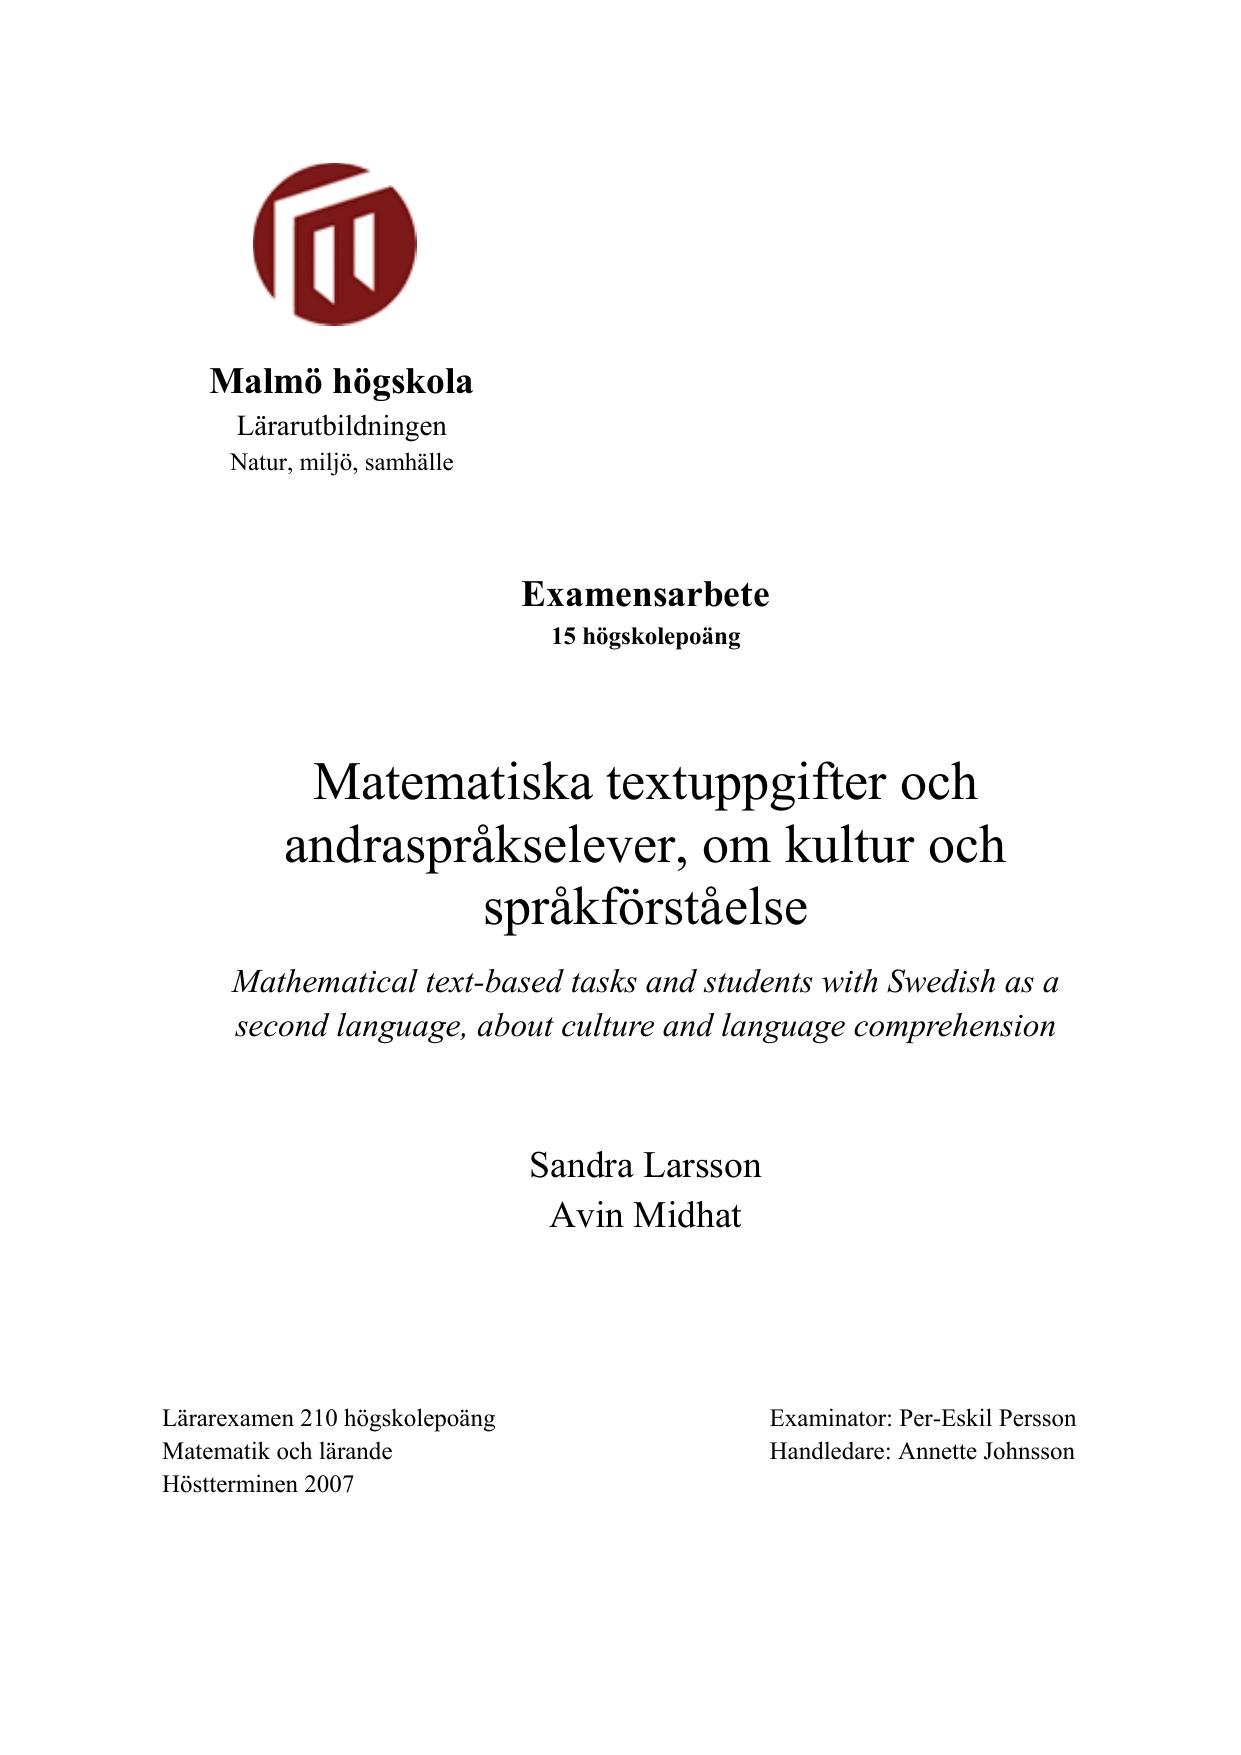 Matematiska textuppgifter och andraspråkselever a4d8fd1b60868